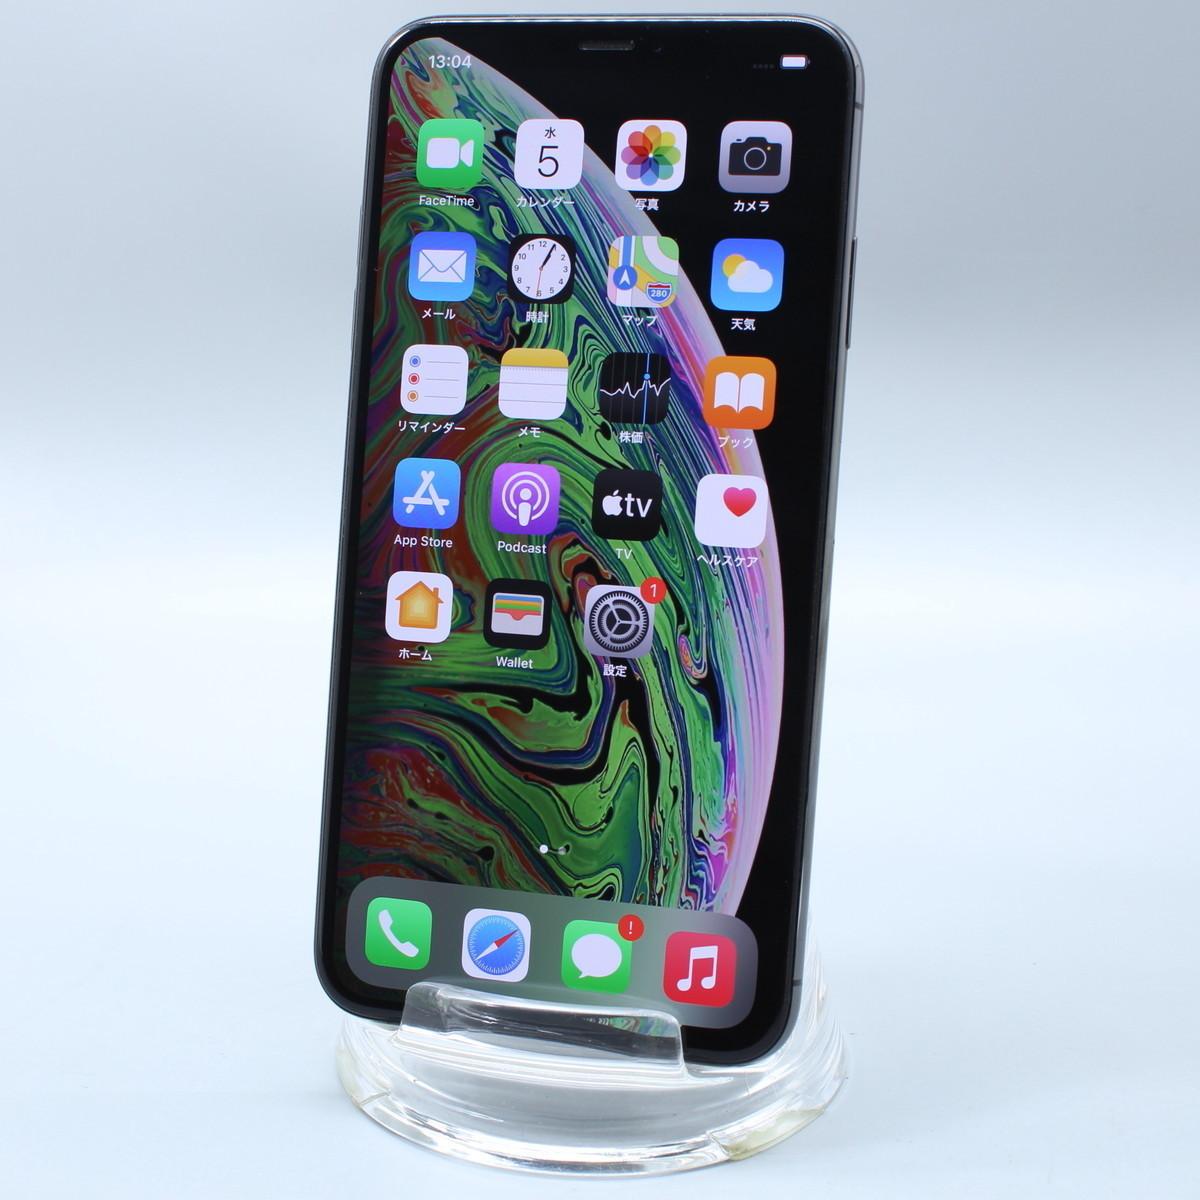 Apple iPhoneXS Max 256GB スペースグレイ A2102 MT6U2J/A バッテリ87%■ドコモ★Joshin7826【送料無料・1円】